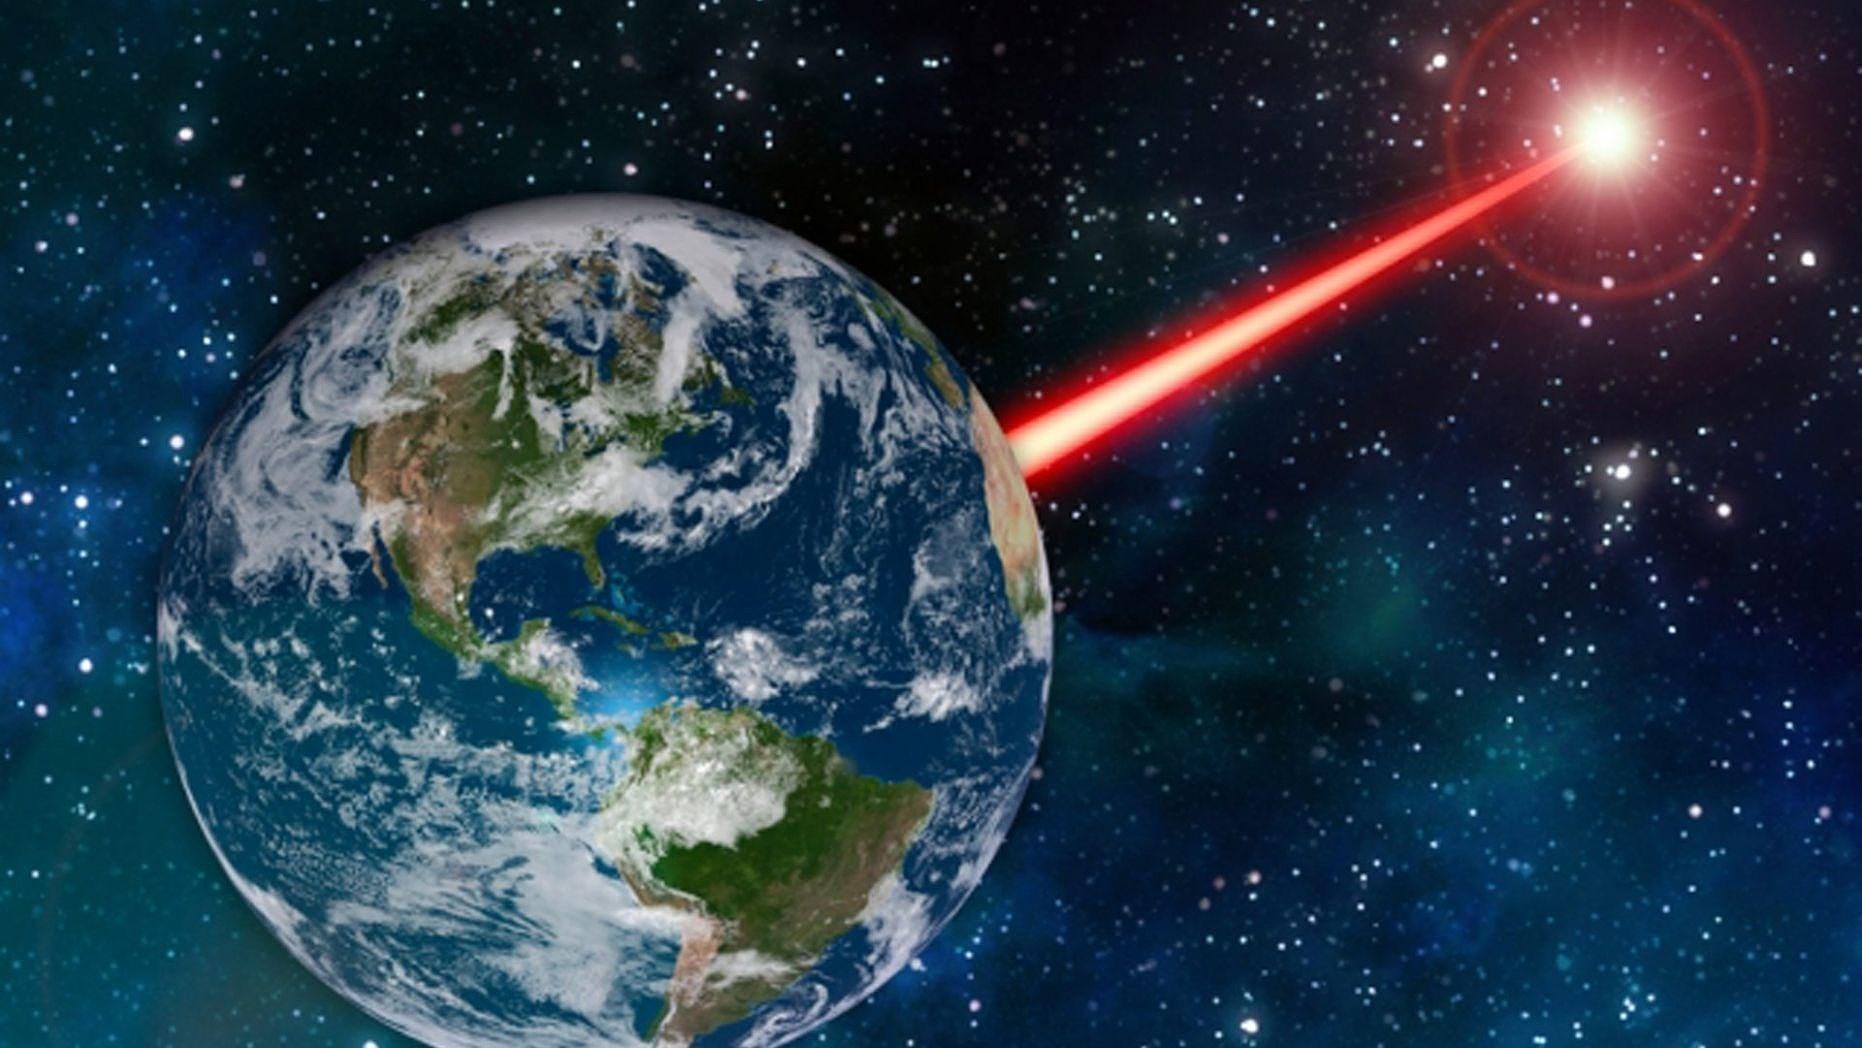 Phương pháp mới mở ra hi vọng tìm kiếm người ngoài hành tinh Ảnh 1